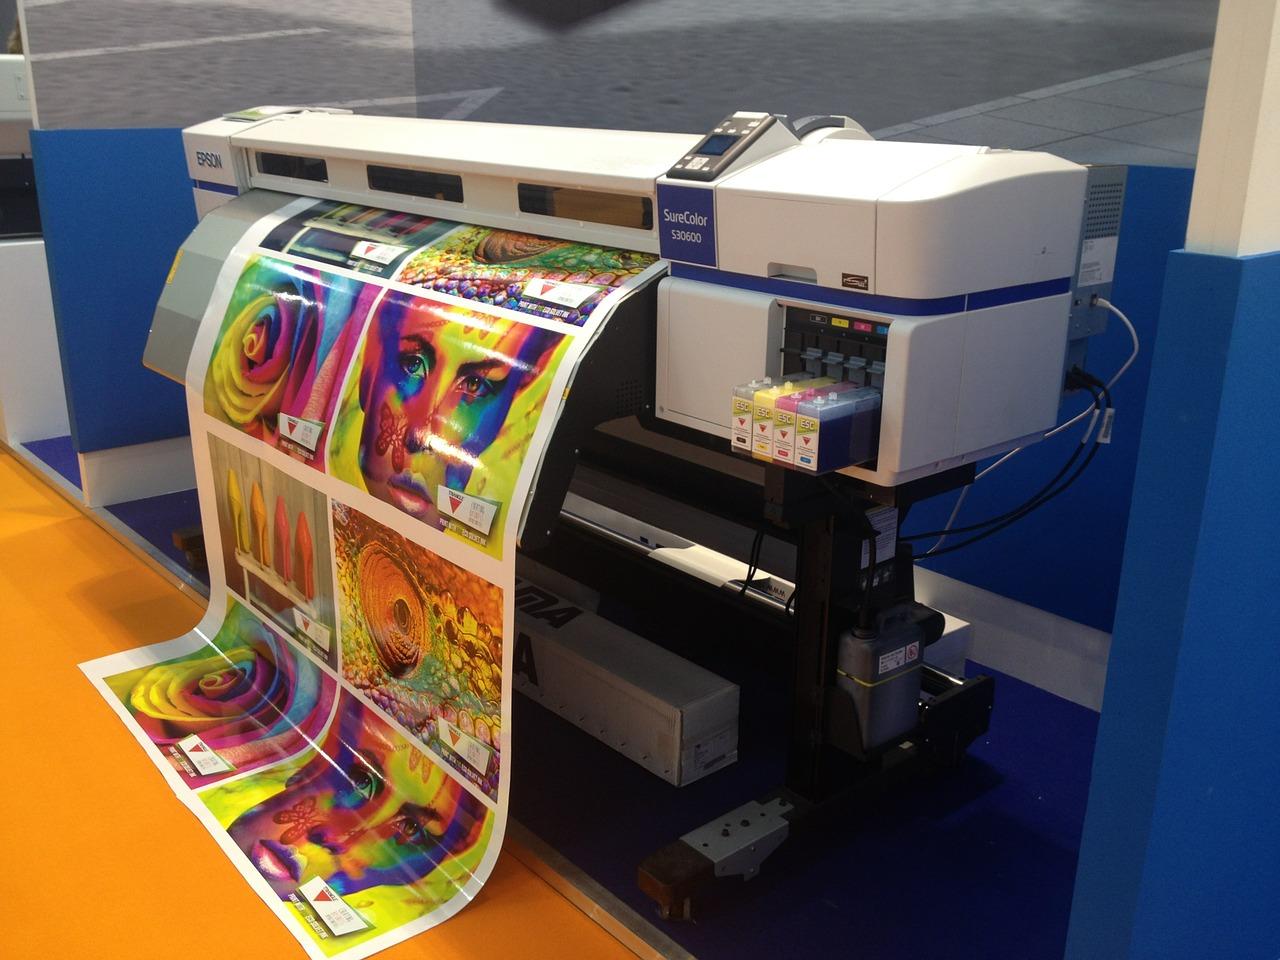 Impresoras virtuales para crear documentos PDF